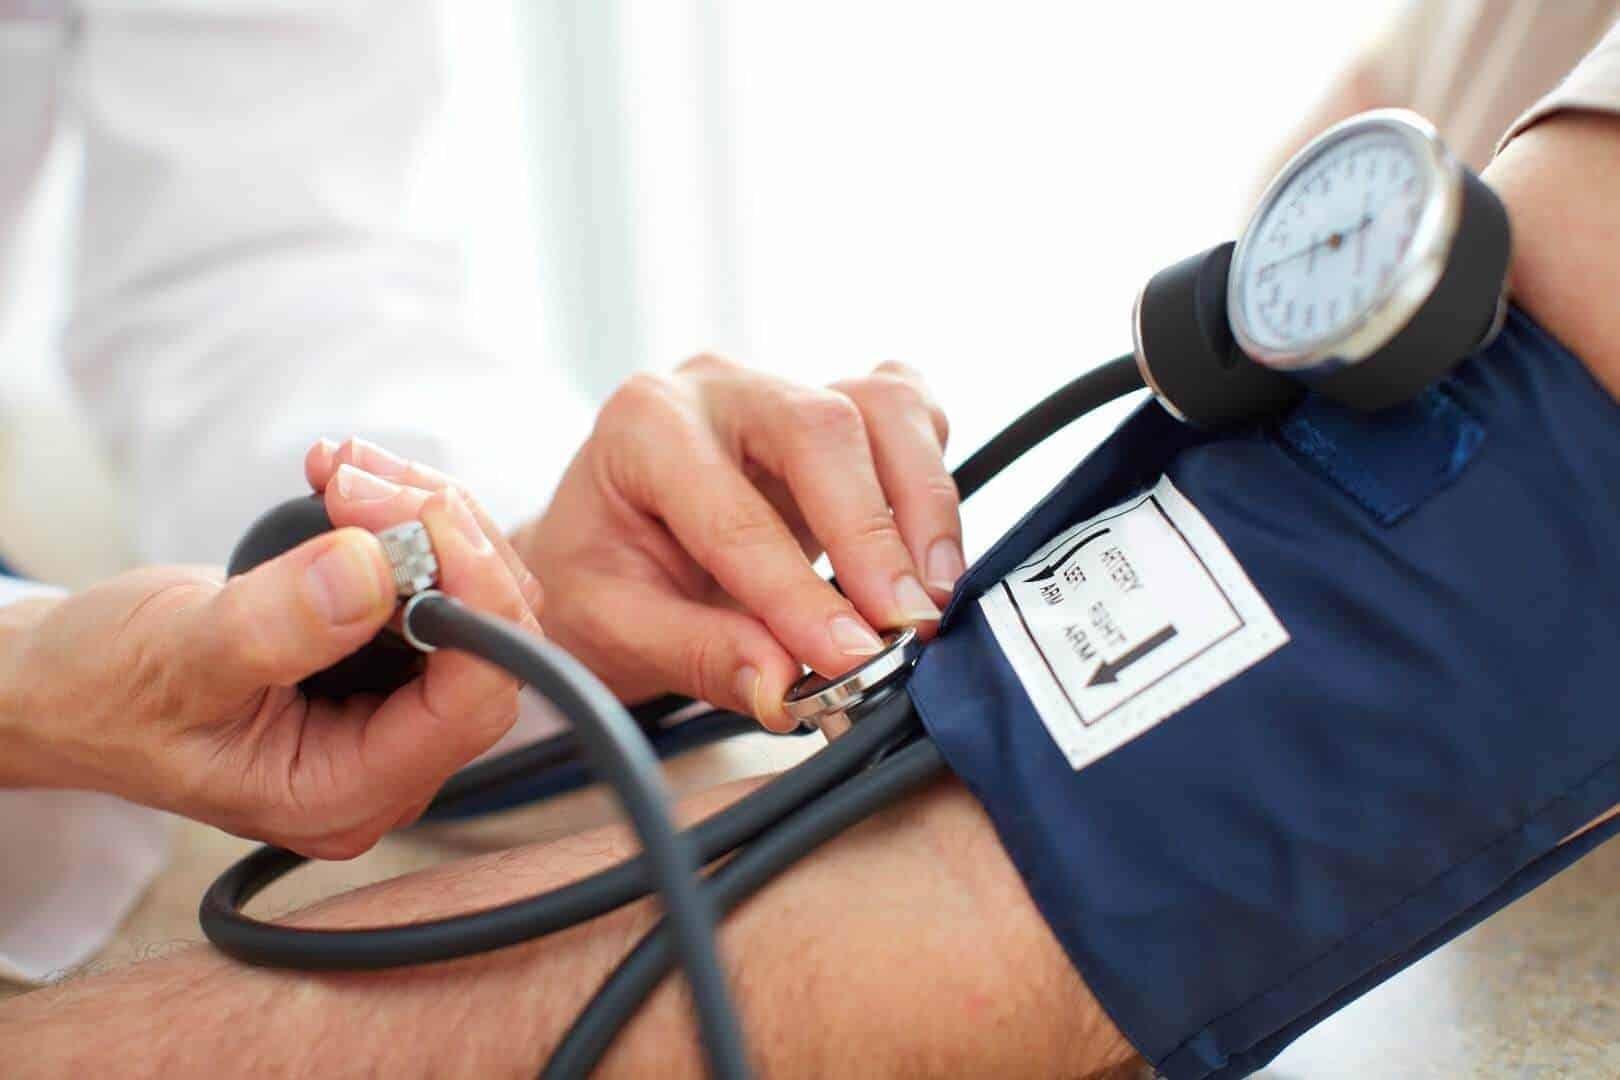 מדידת לחץ דם מד לחץ דם סטטוסקופ